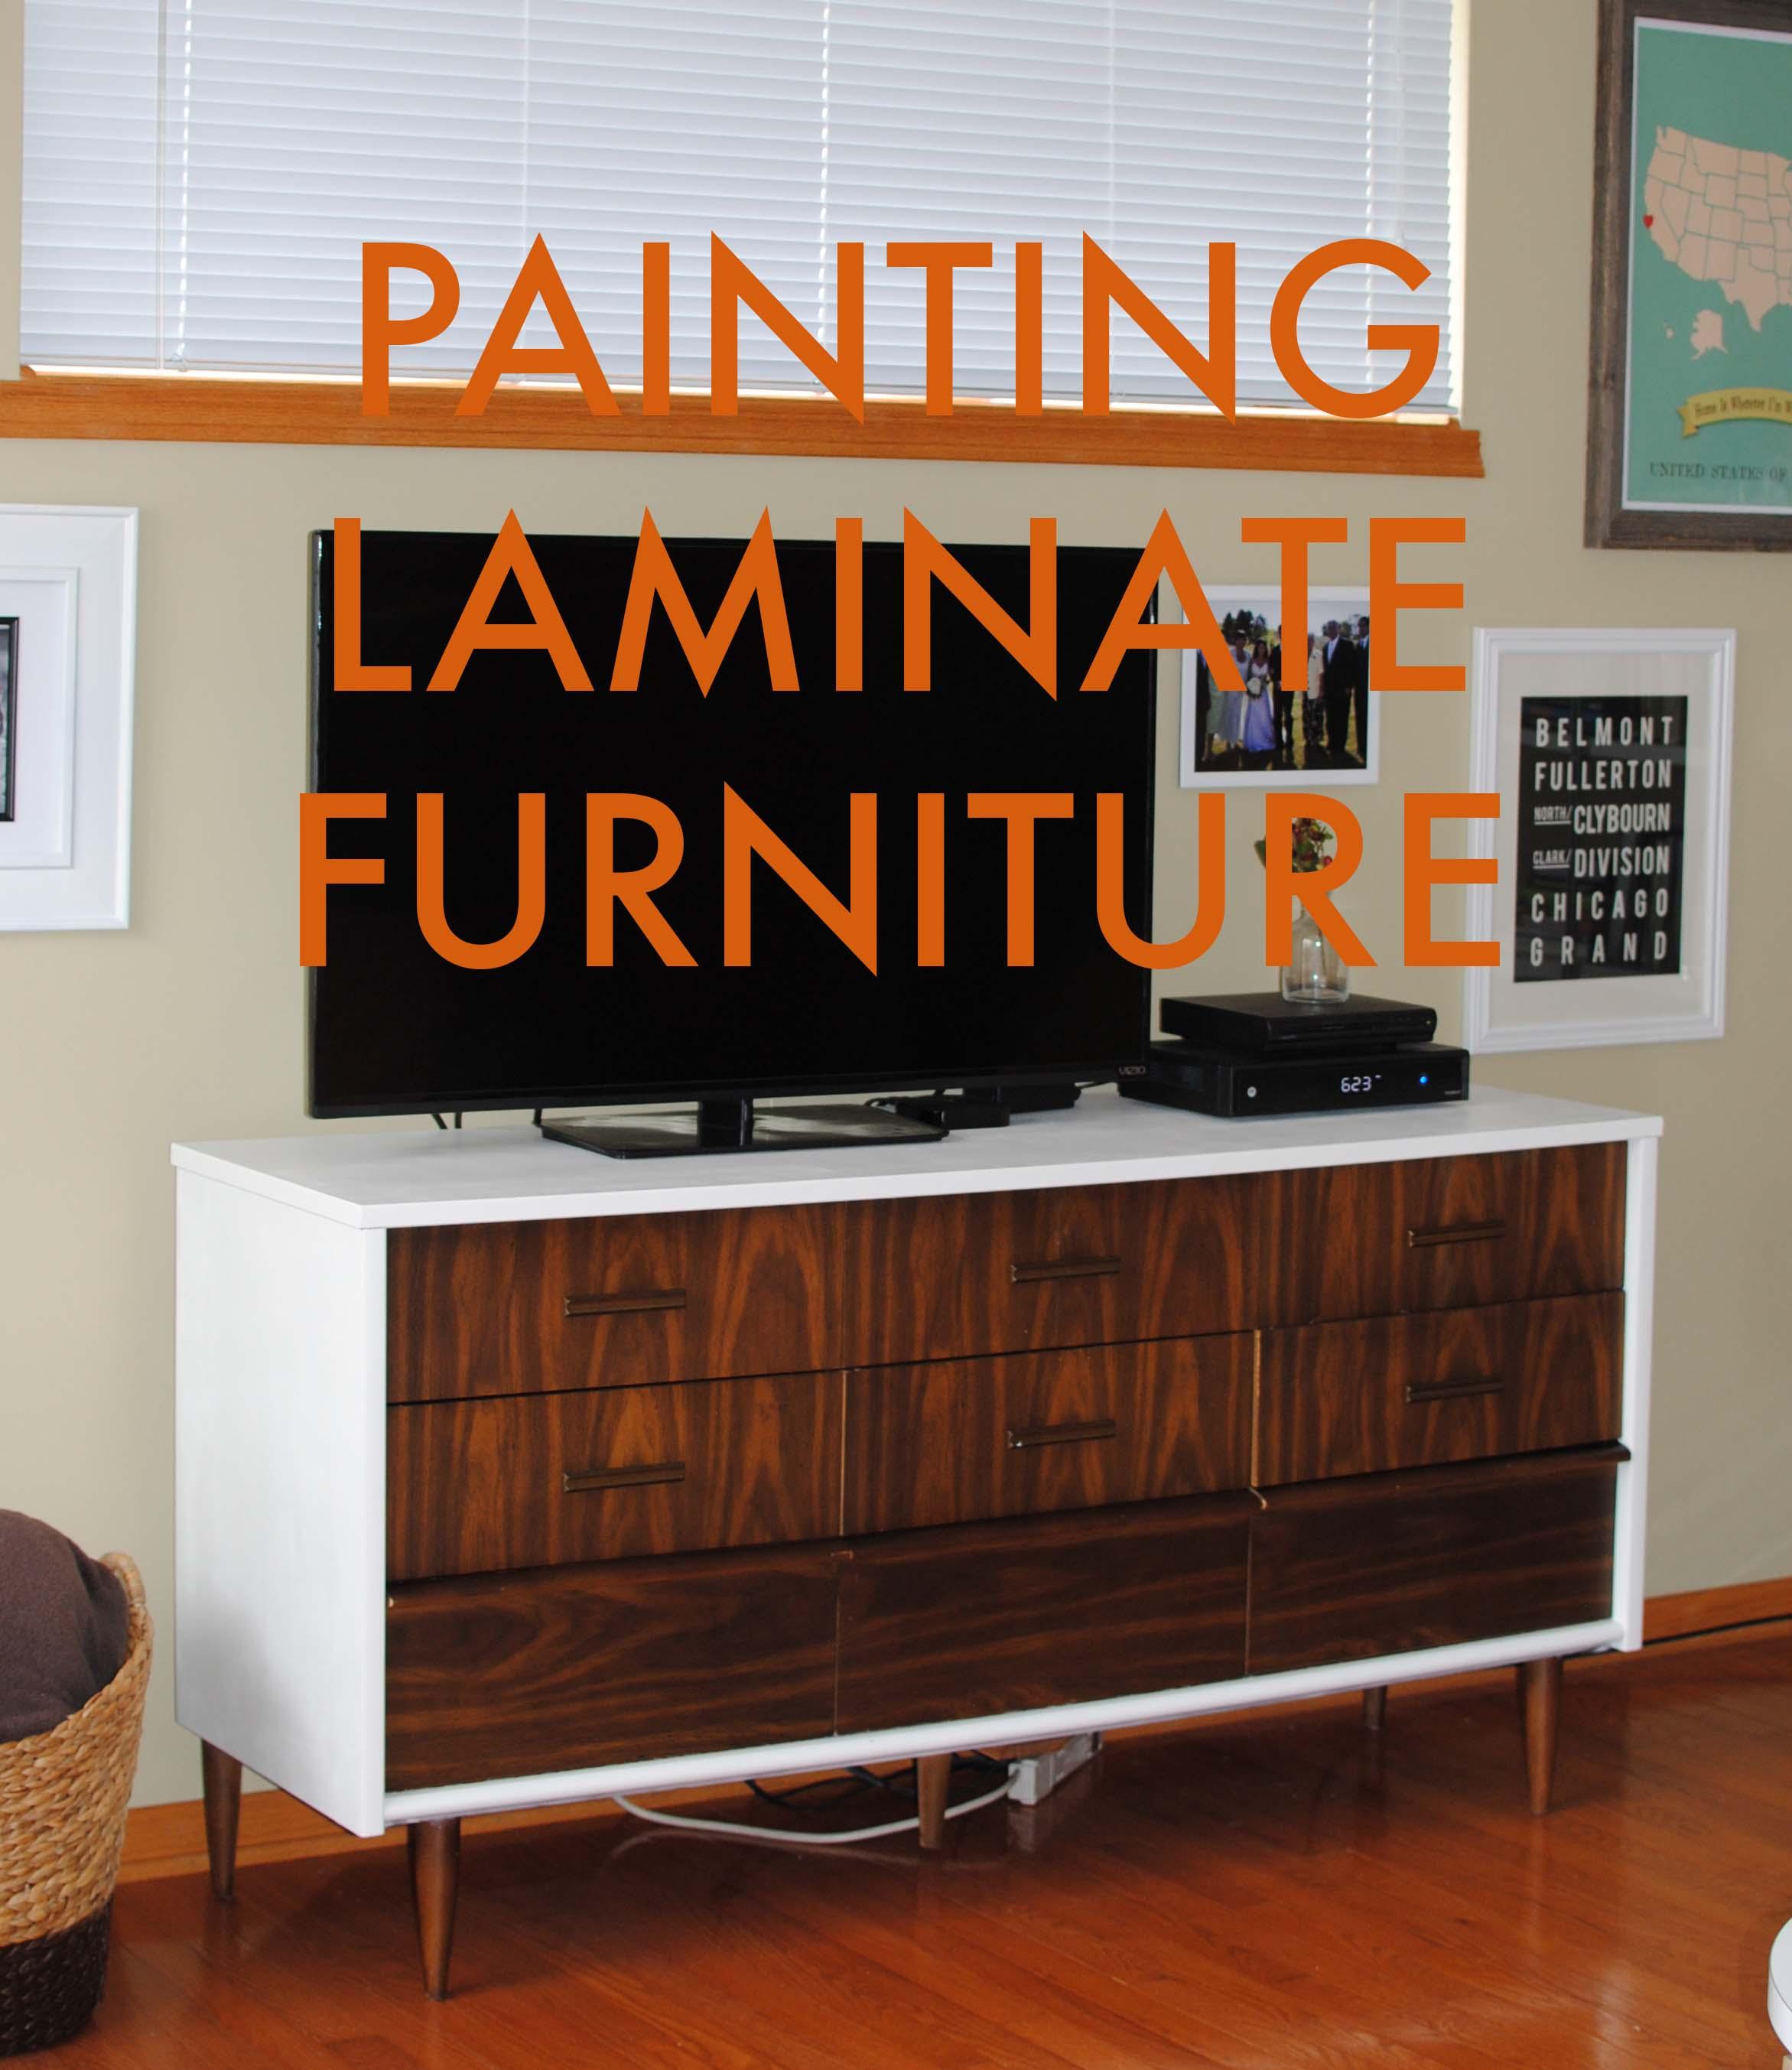 Etonnant Painting Laminate Furniture